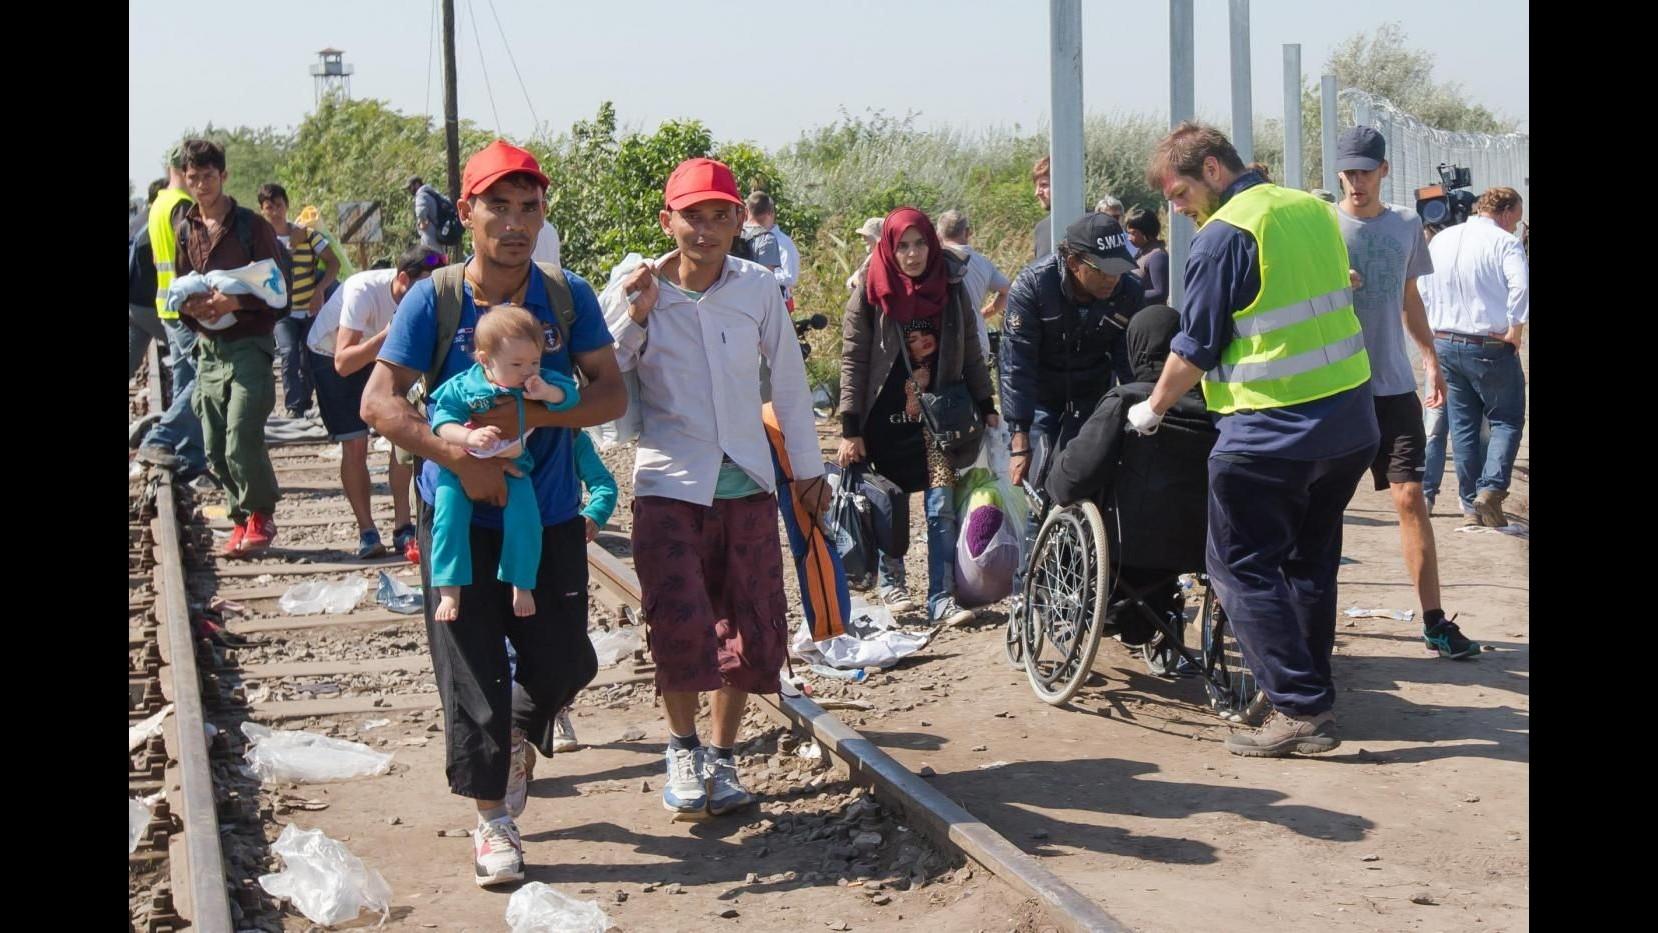 Immigrazione, Belgrado: No a rinvio migranti da Ungheria a Serbia